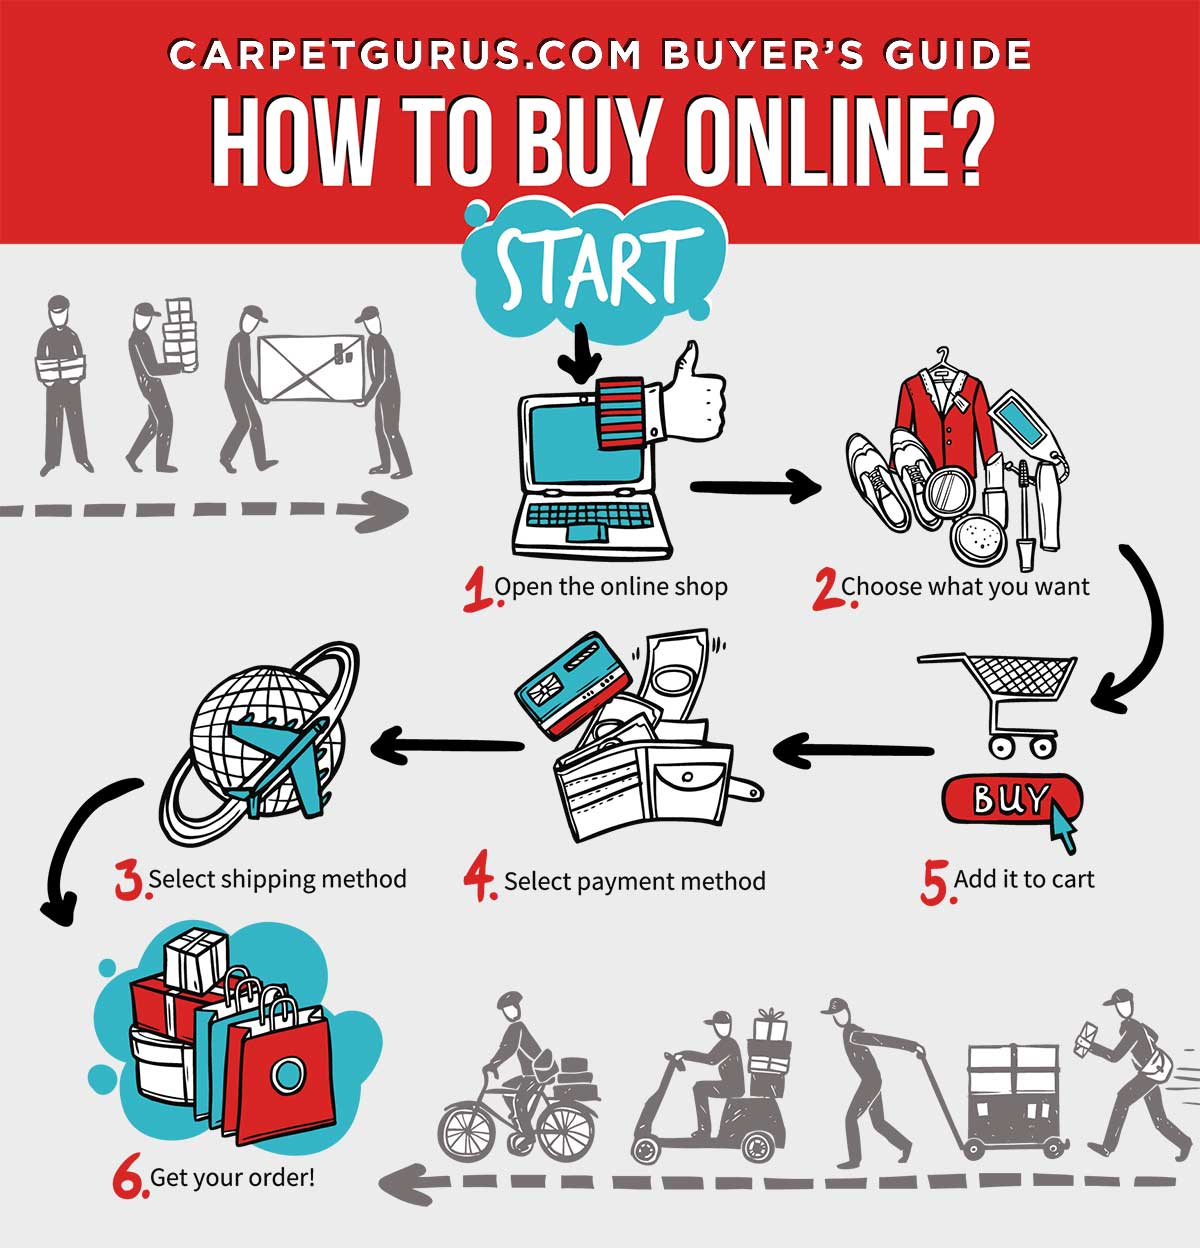 CarpetGurus.com Buyer Guide